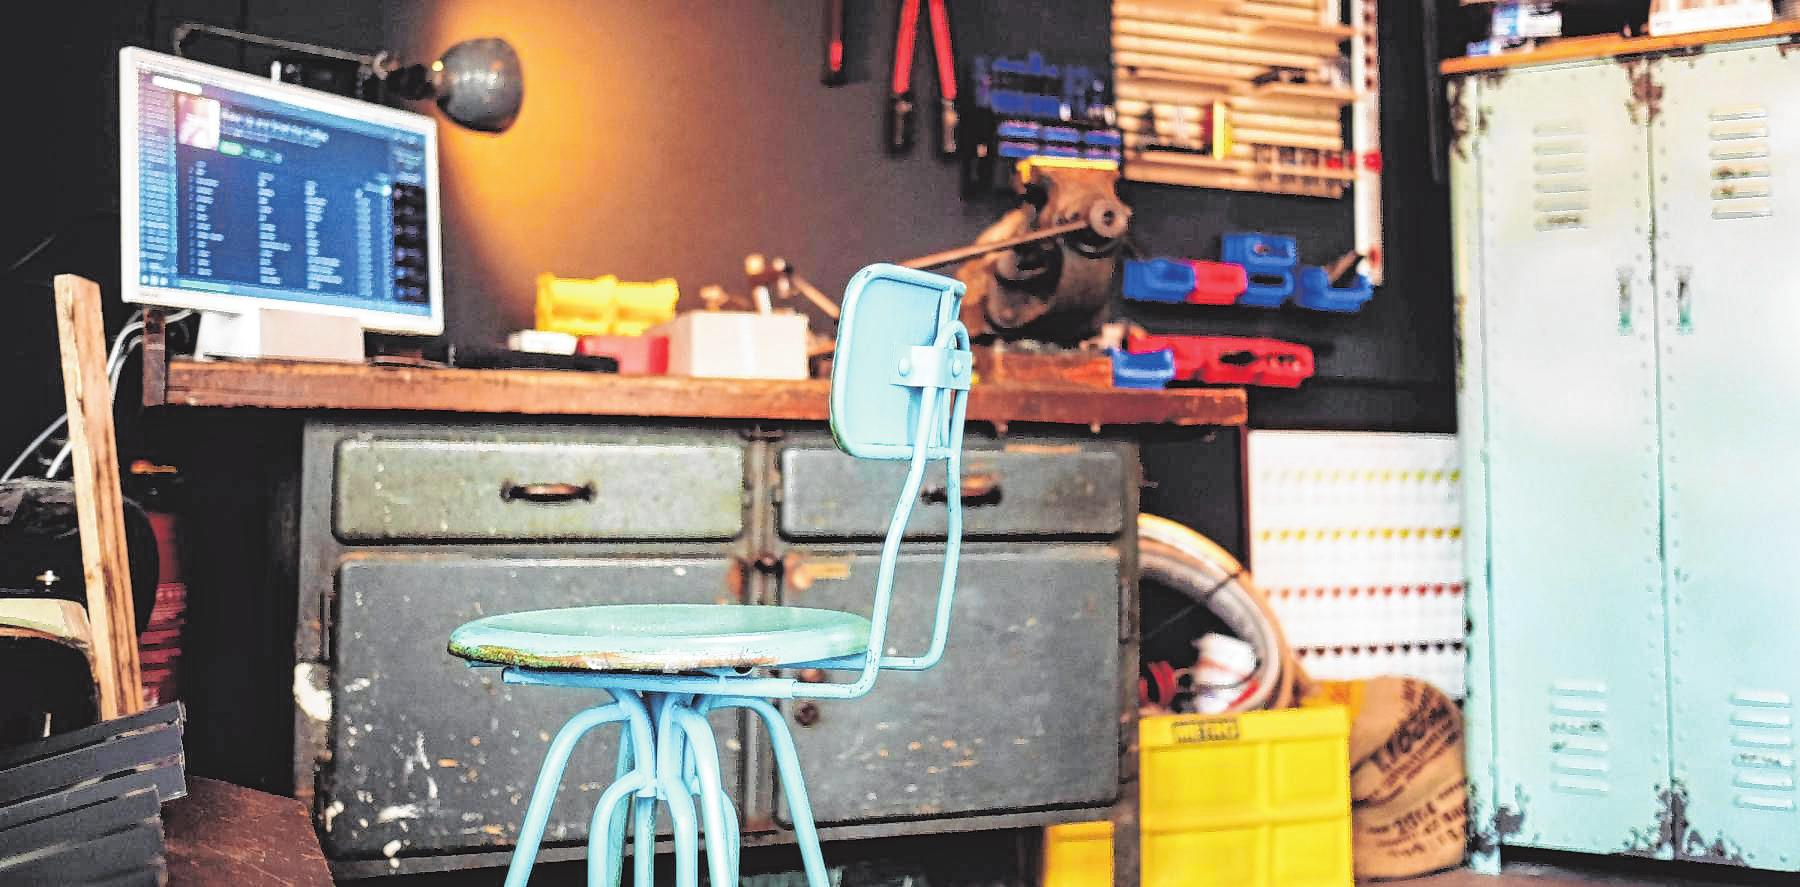 """Reparieren statt kaufen: In der Werkstatt des """"Luni"""" in der Schwetzingerstadt dürfen Hobby-Handwerker und Kreative gerne zur Tat schreiten. BILD: WETZEL"""